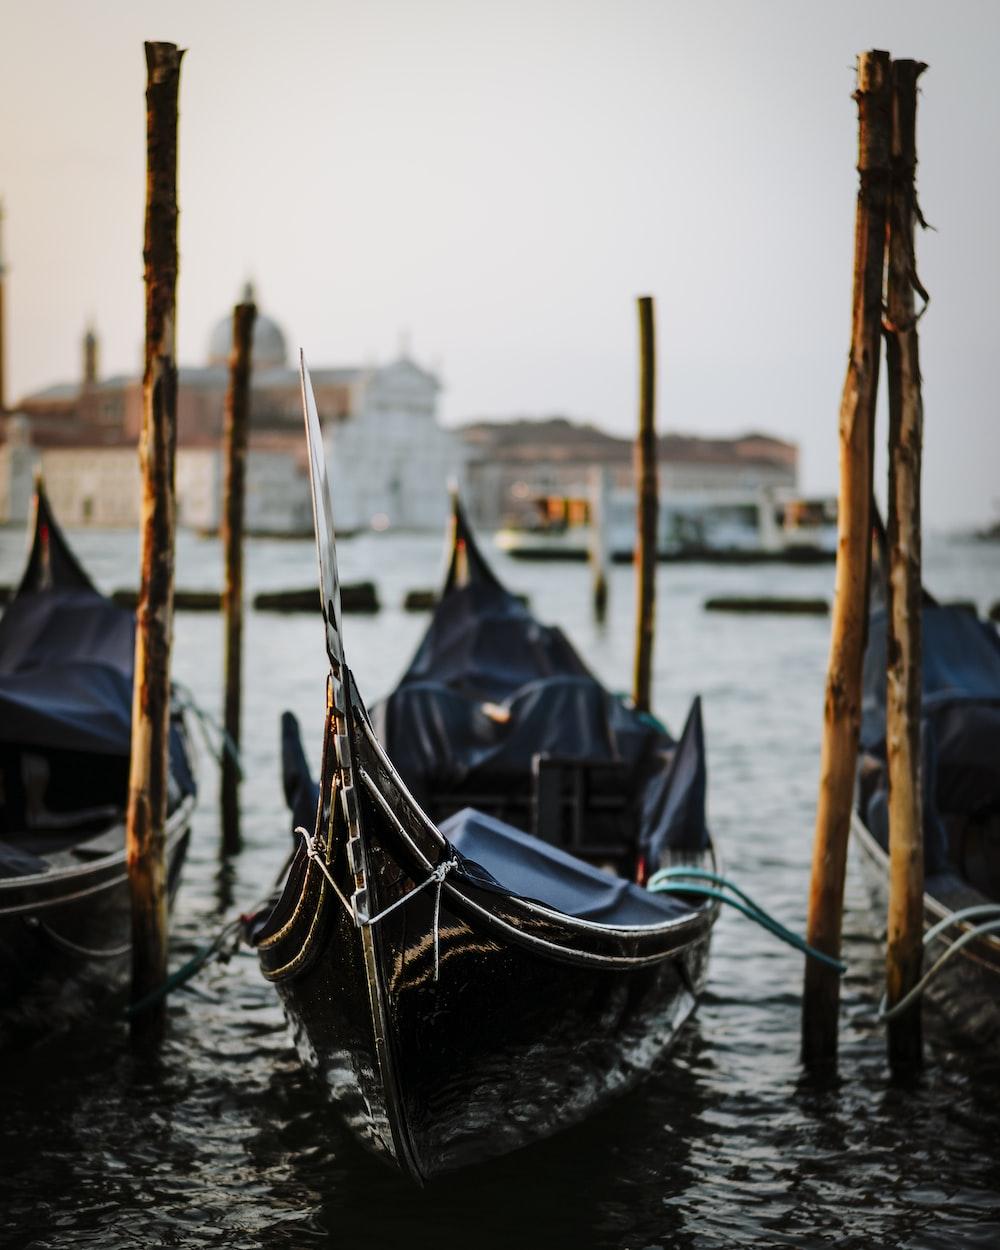 black boat in body of water near poles